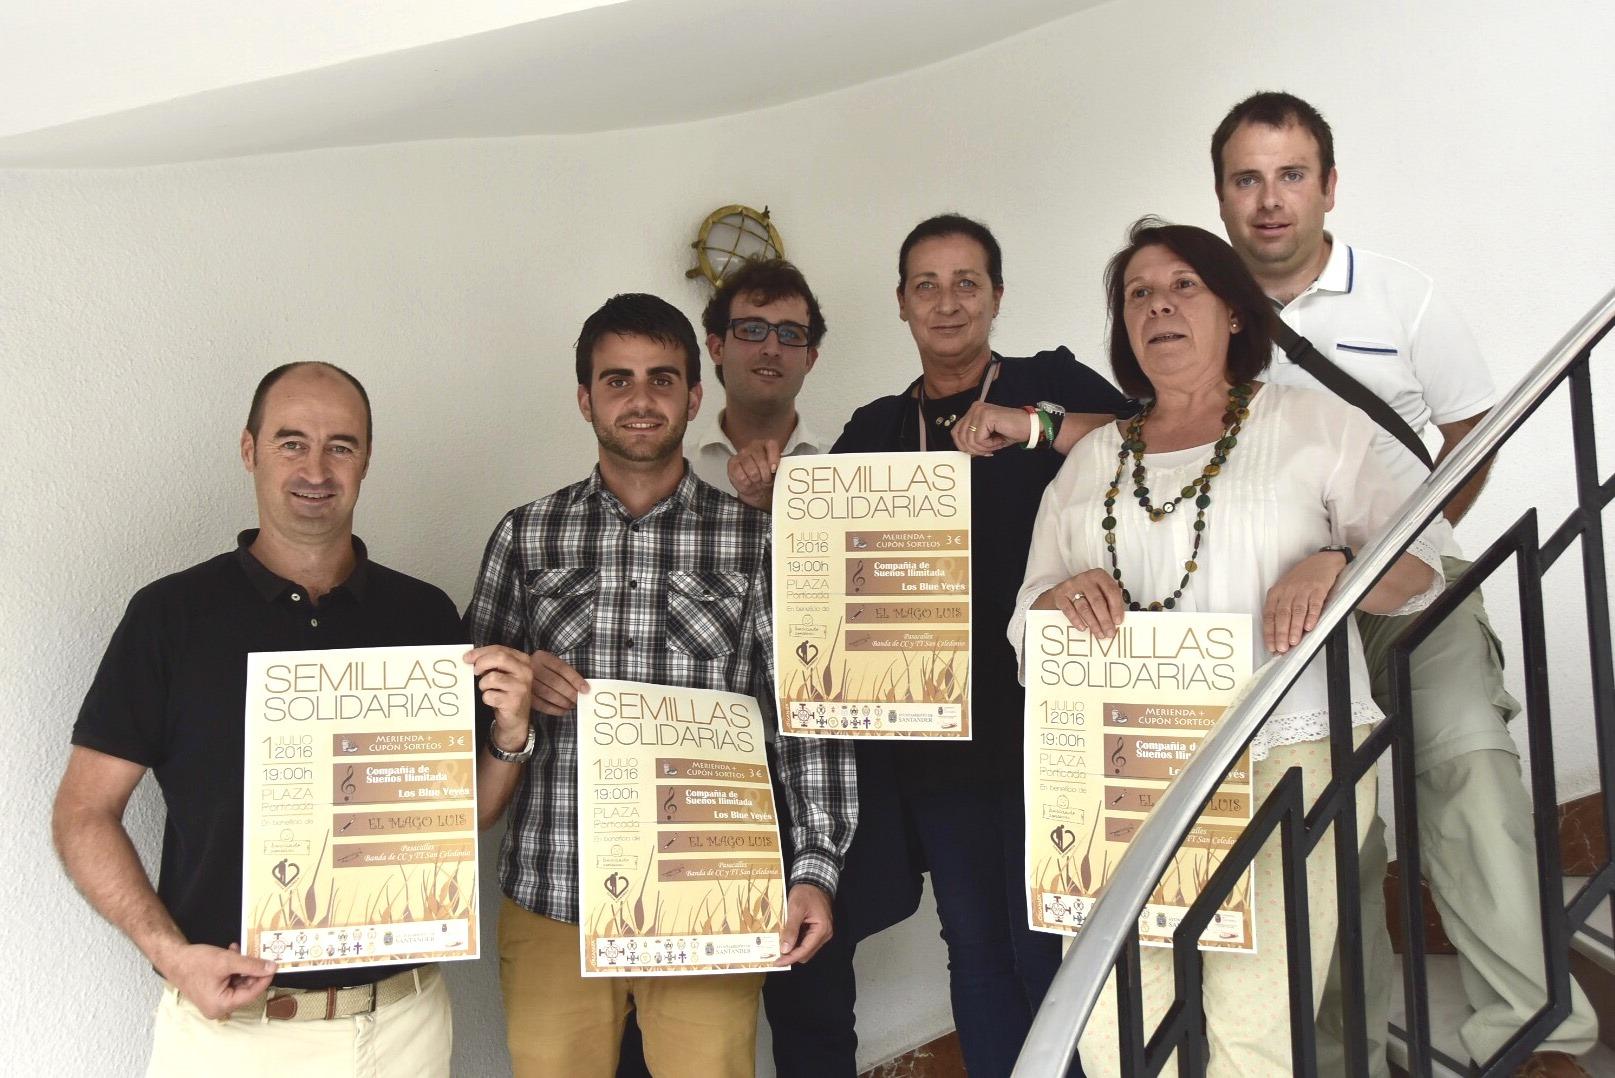 Presentación del evento Semillas Solidarias.